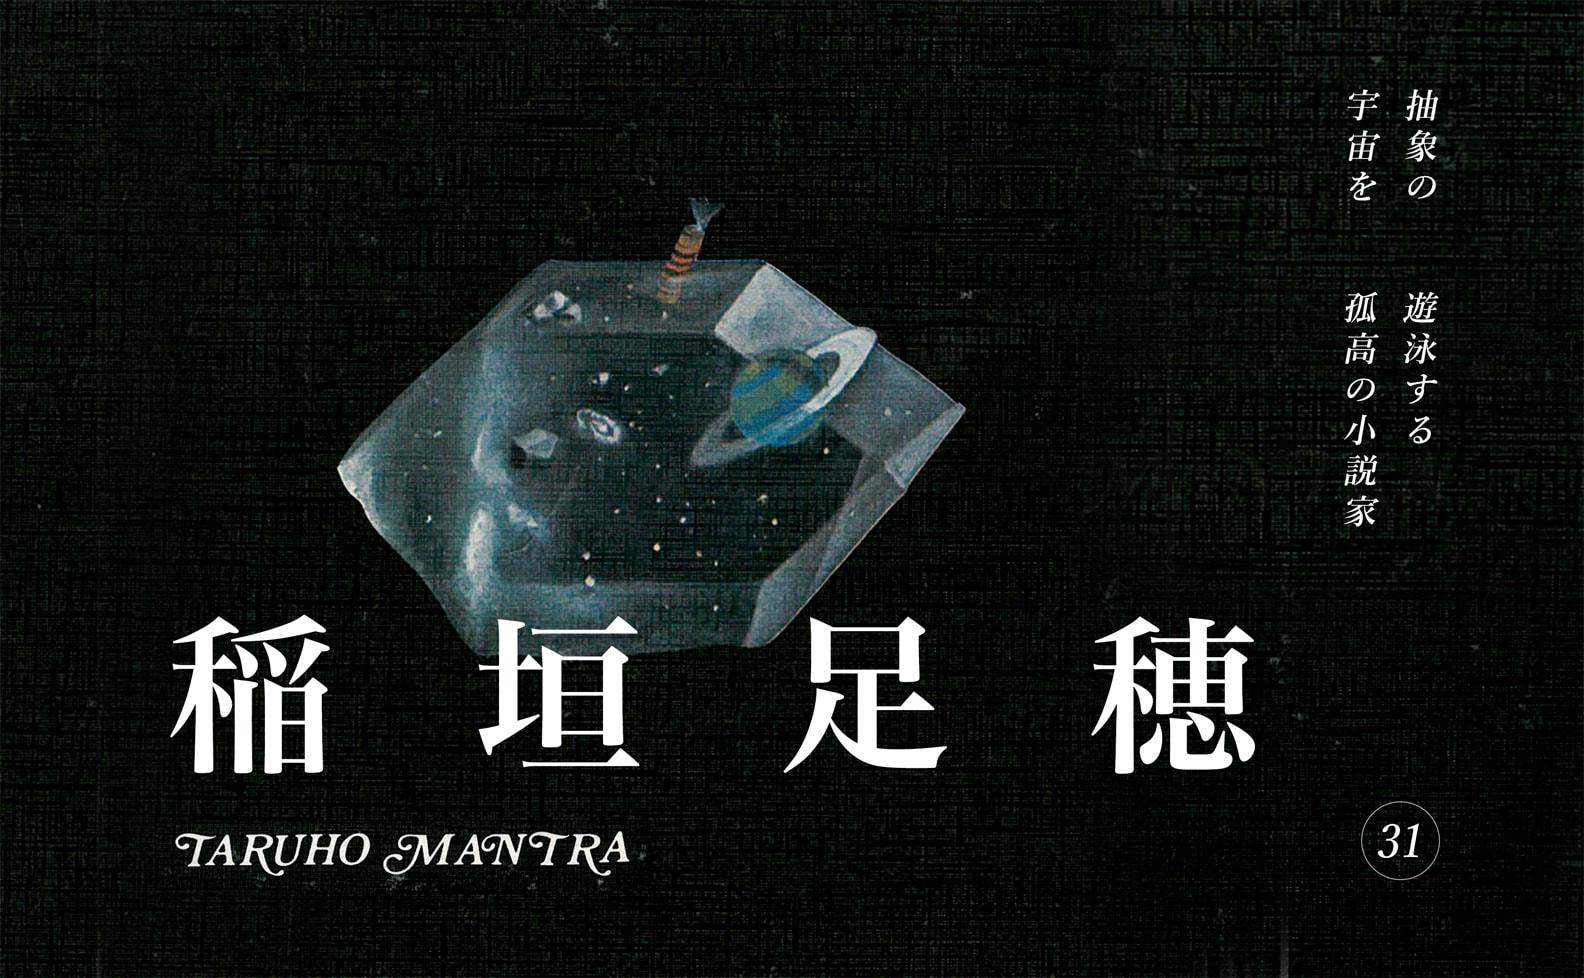 稲垣足穂の世界:抽象の宇宙を遊泳する、孤高の小説家